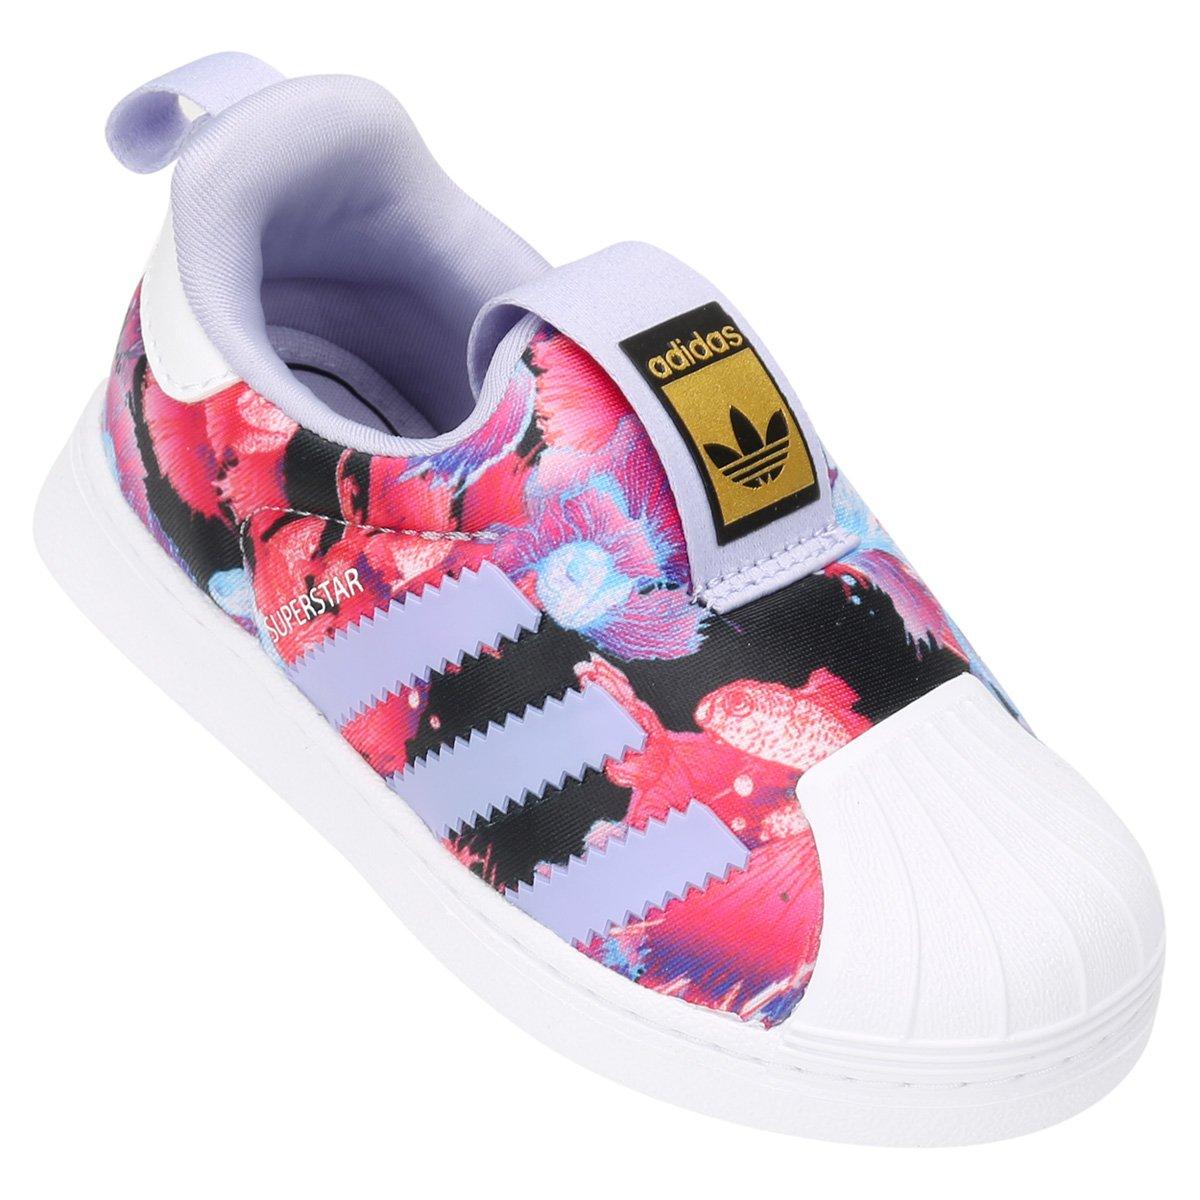 d52bbd02485ca Tênis Infantil Adidas Superstar 360 - Roxo - Compre Agora